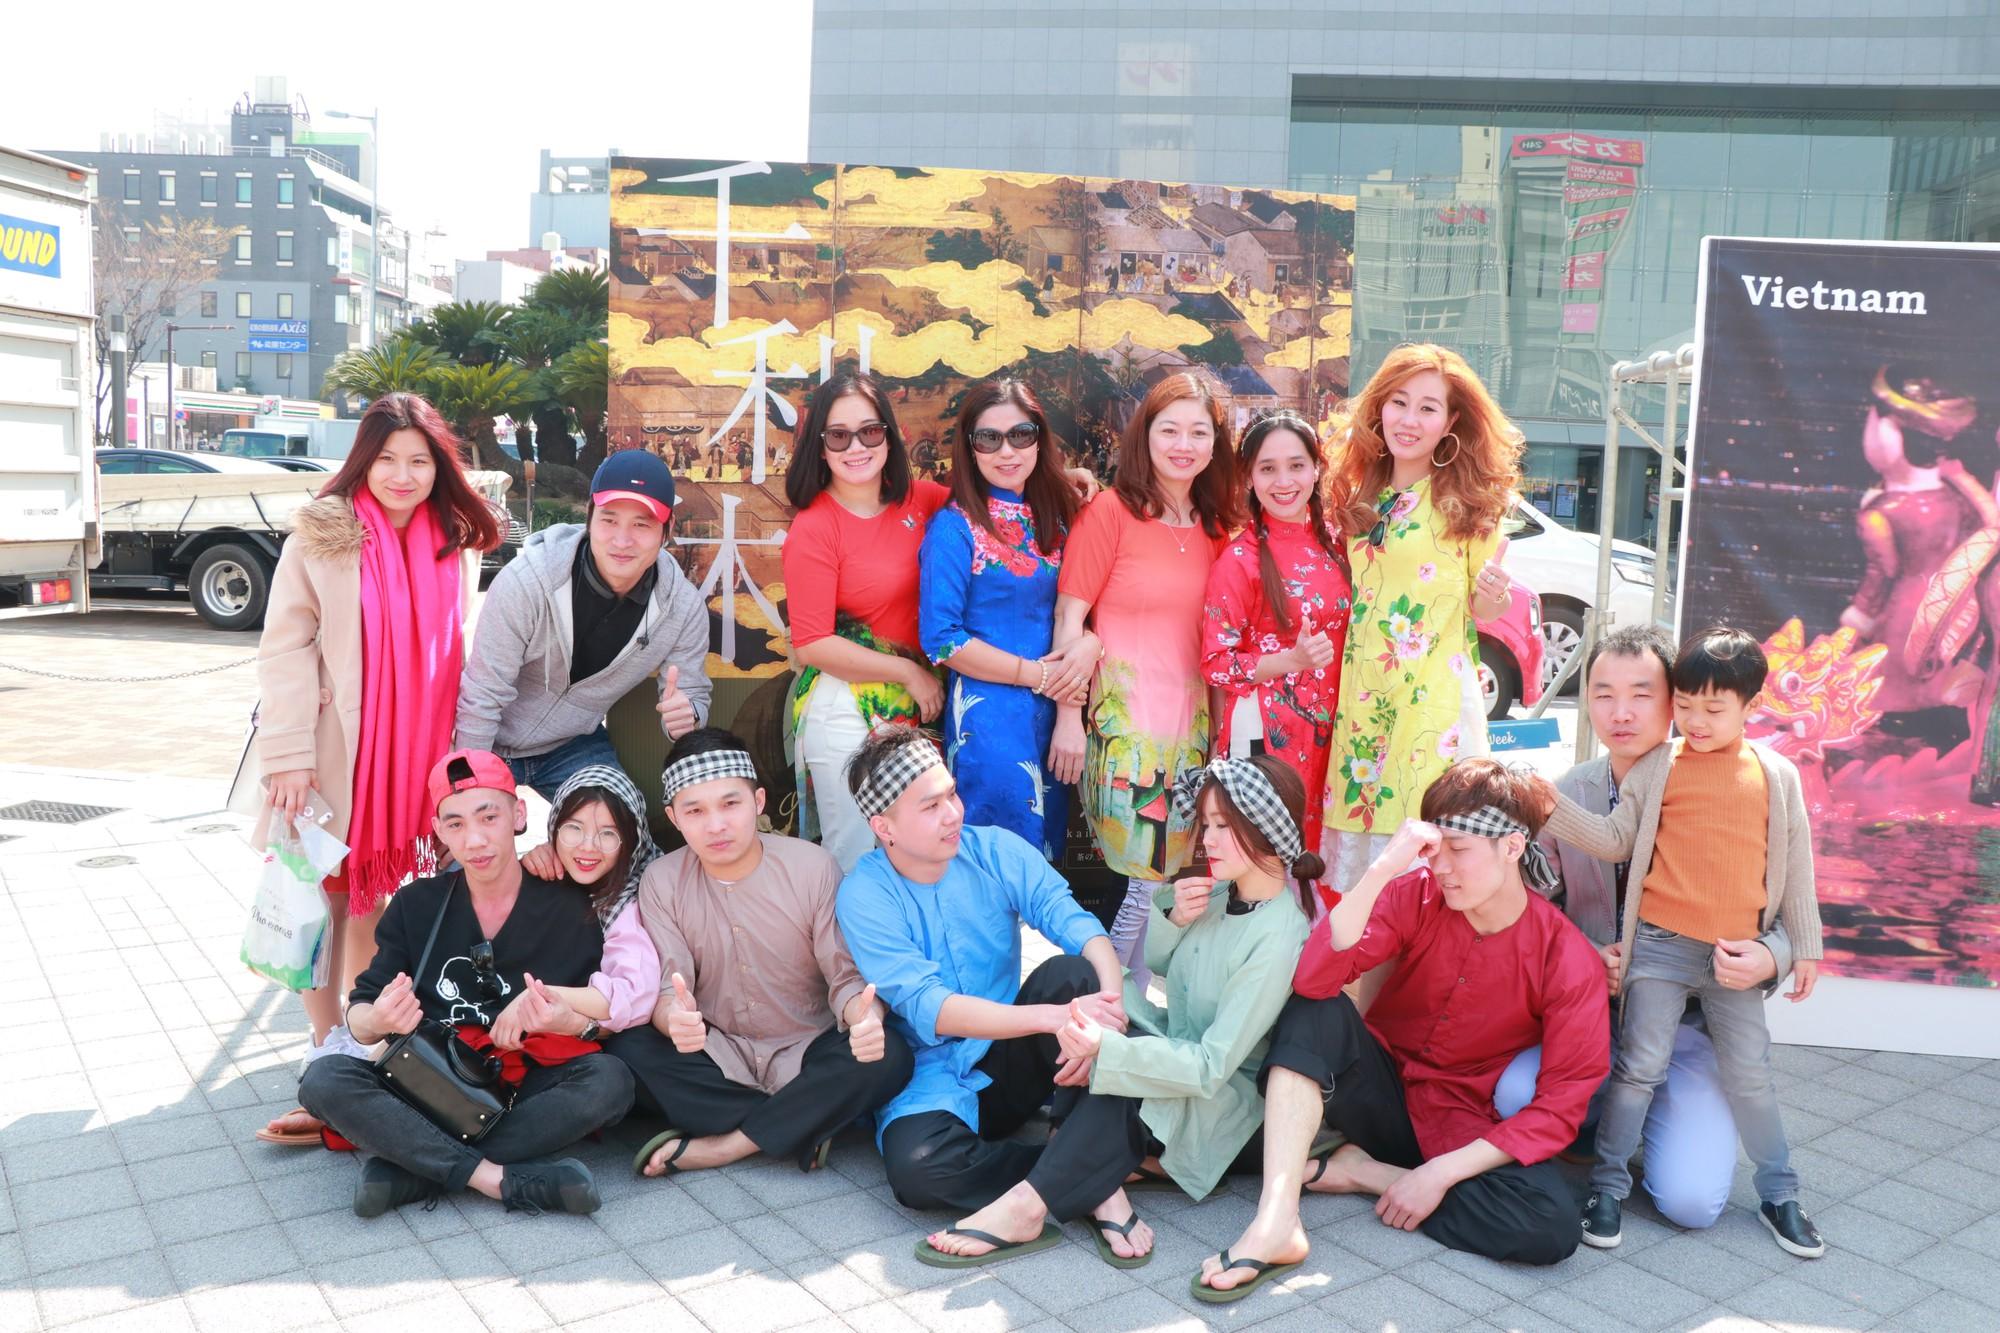 Vũ Cát Tường đến Nhật, quậy tưng bừng cùng du học sinh tại Lễ hội văn hóa Việt Nam 2018 - Ảnh 8.